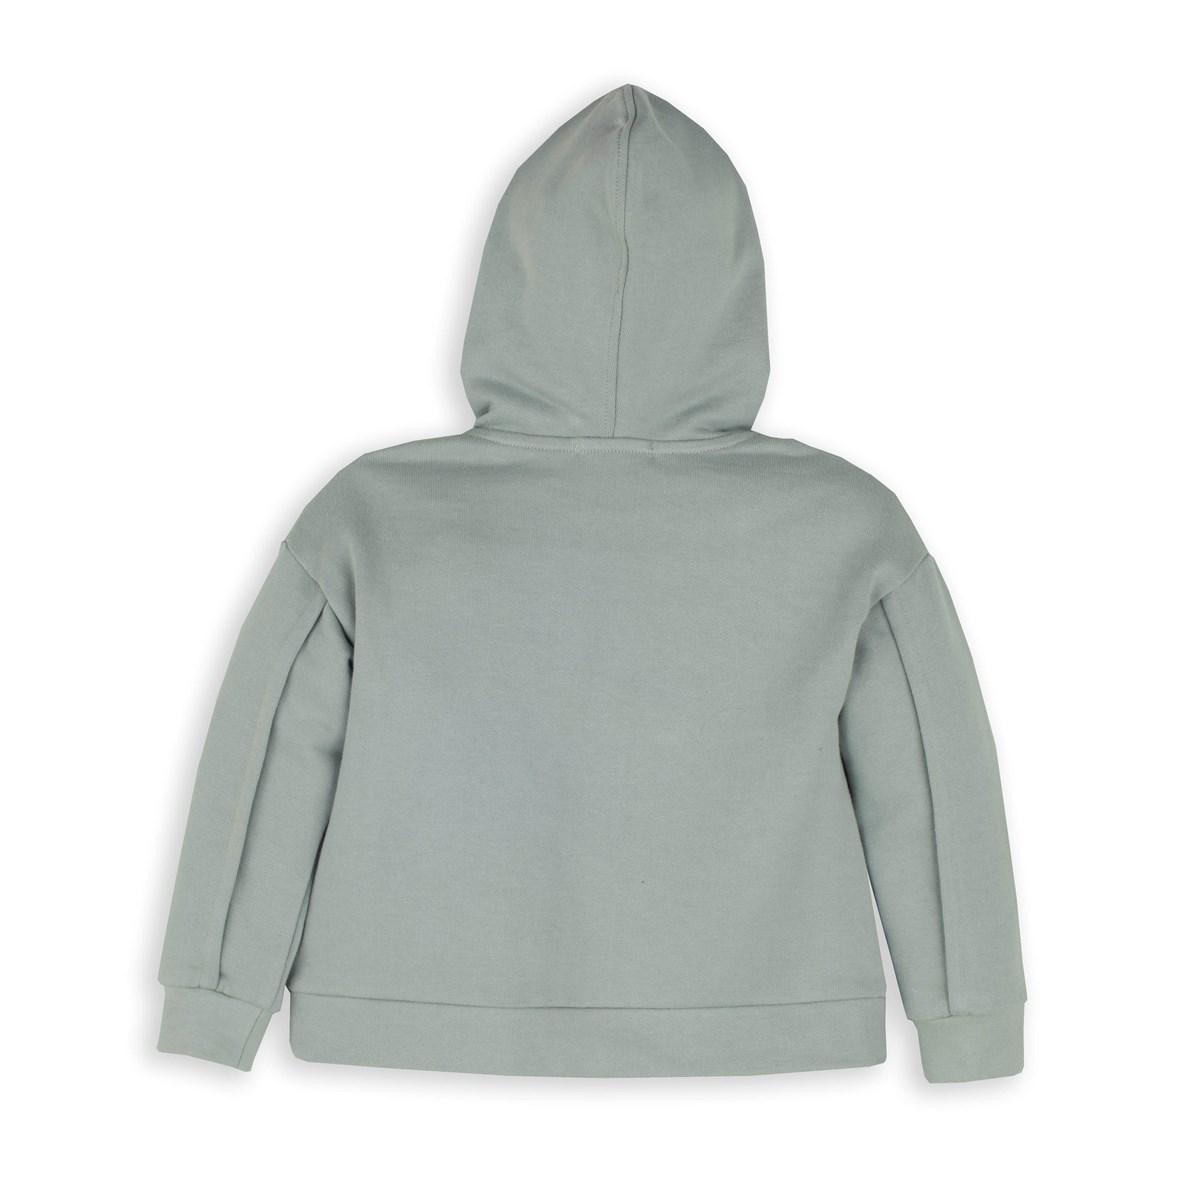 14016 Kapsonlu Sweatshirt 2